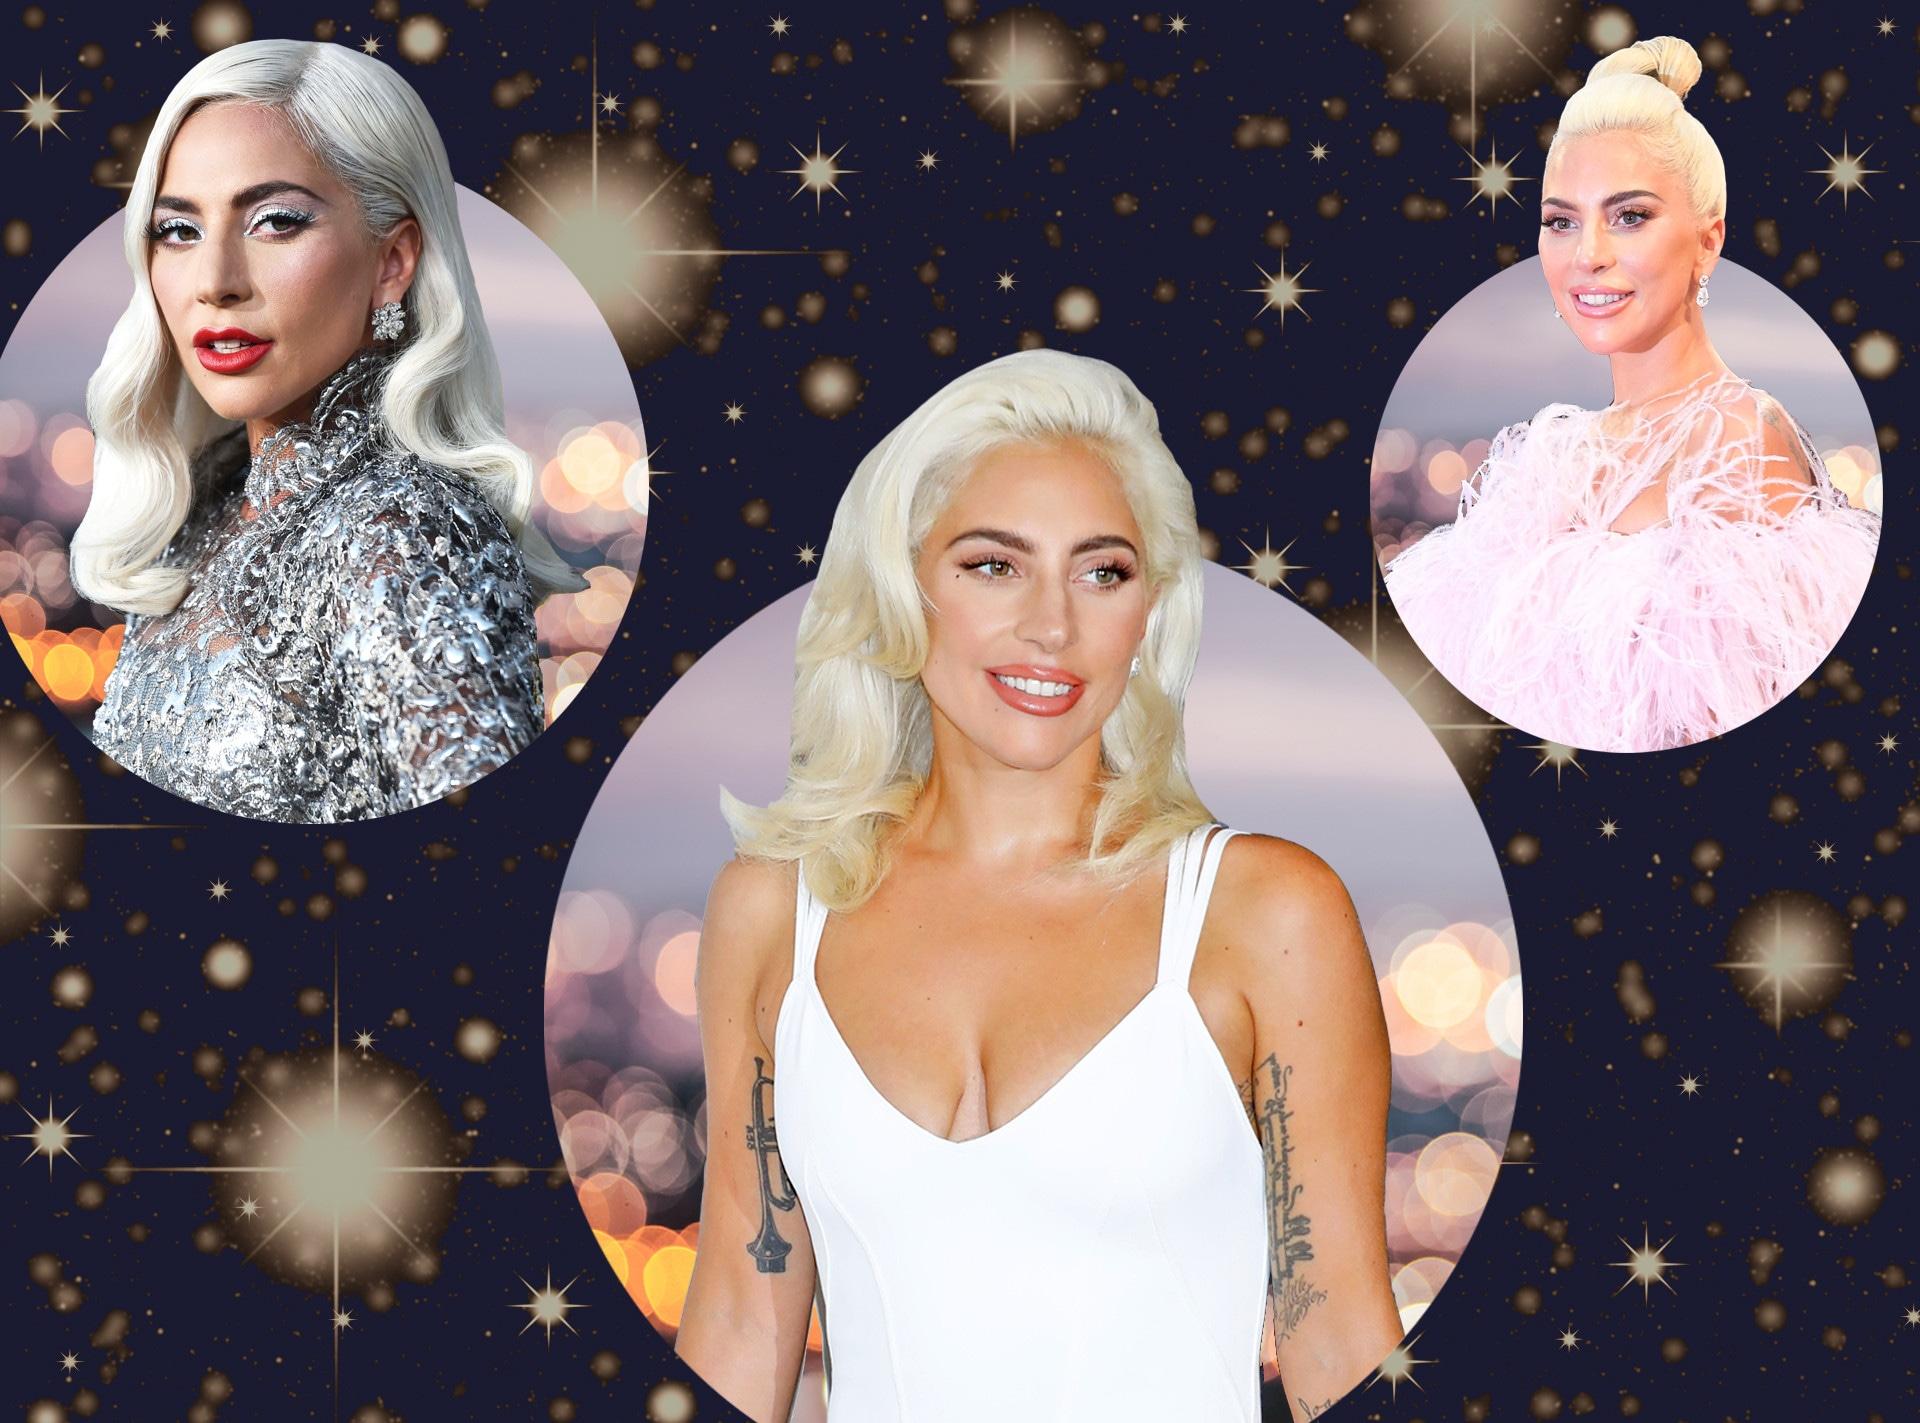 Lady Gaga, A Star is Born Press Tour Hair